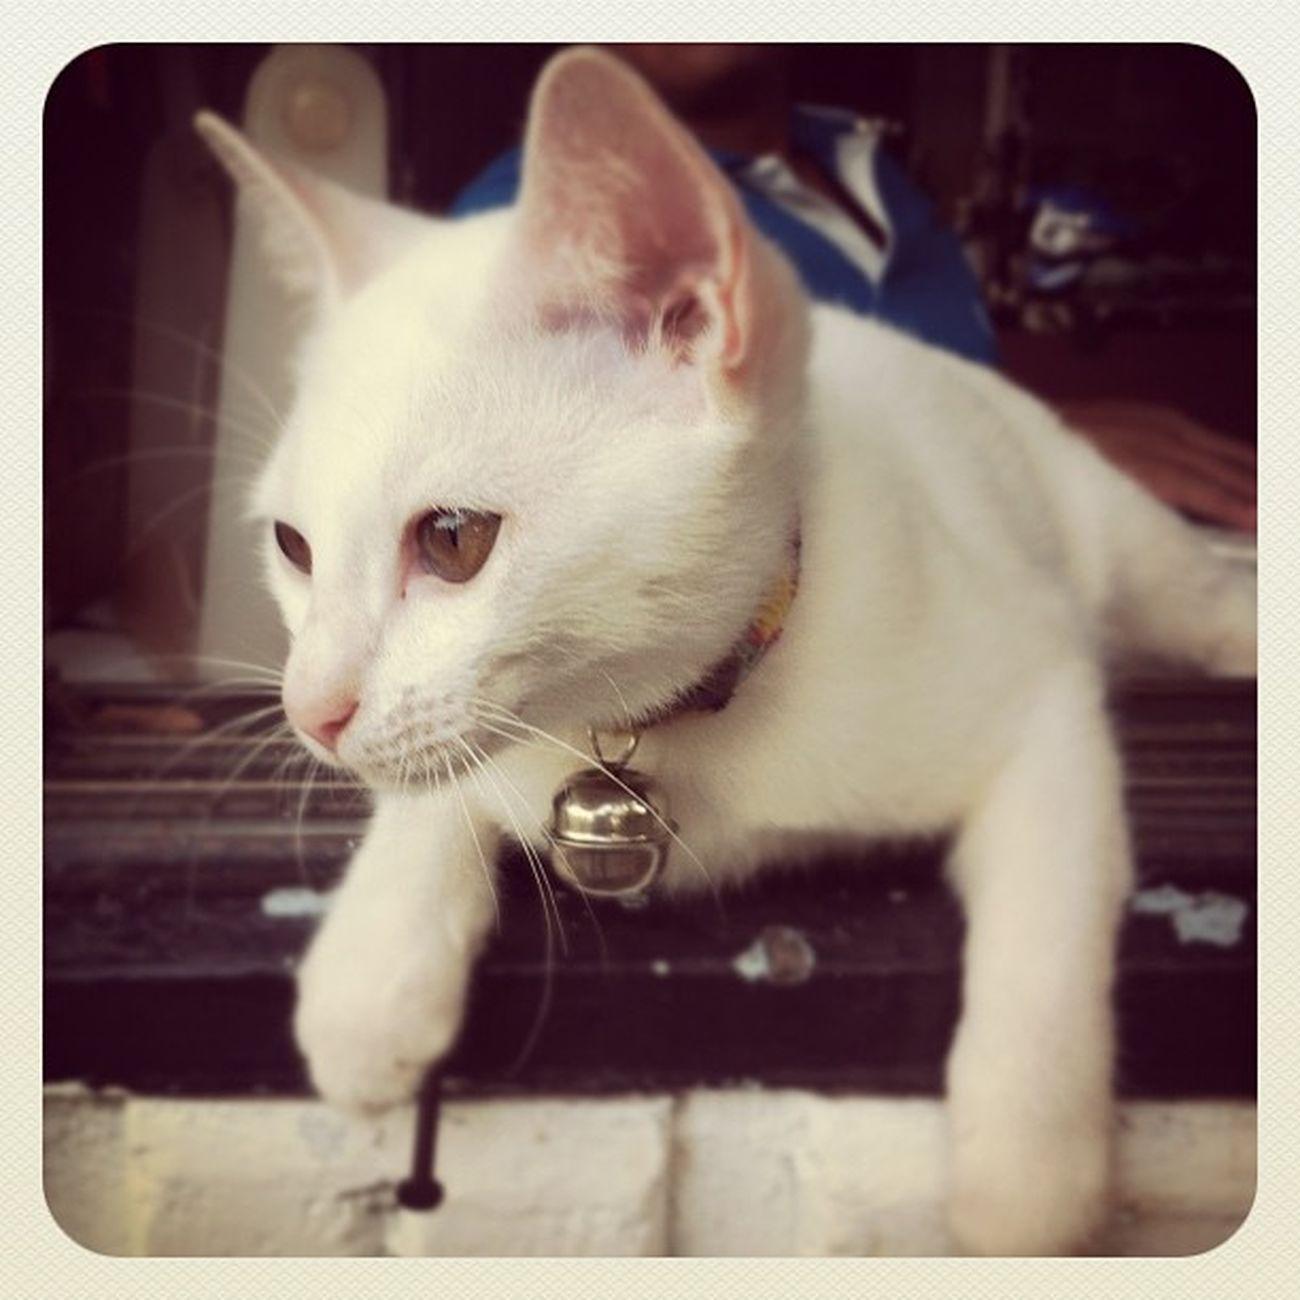 ? น่ารักจุงเบย แมว เหมียว ข้าว น่ารัก catkittywhitecute